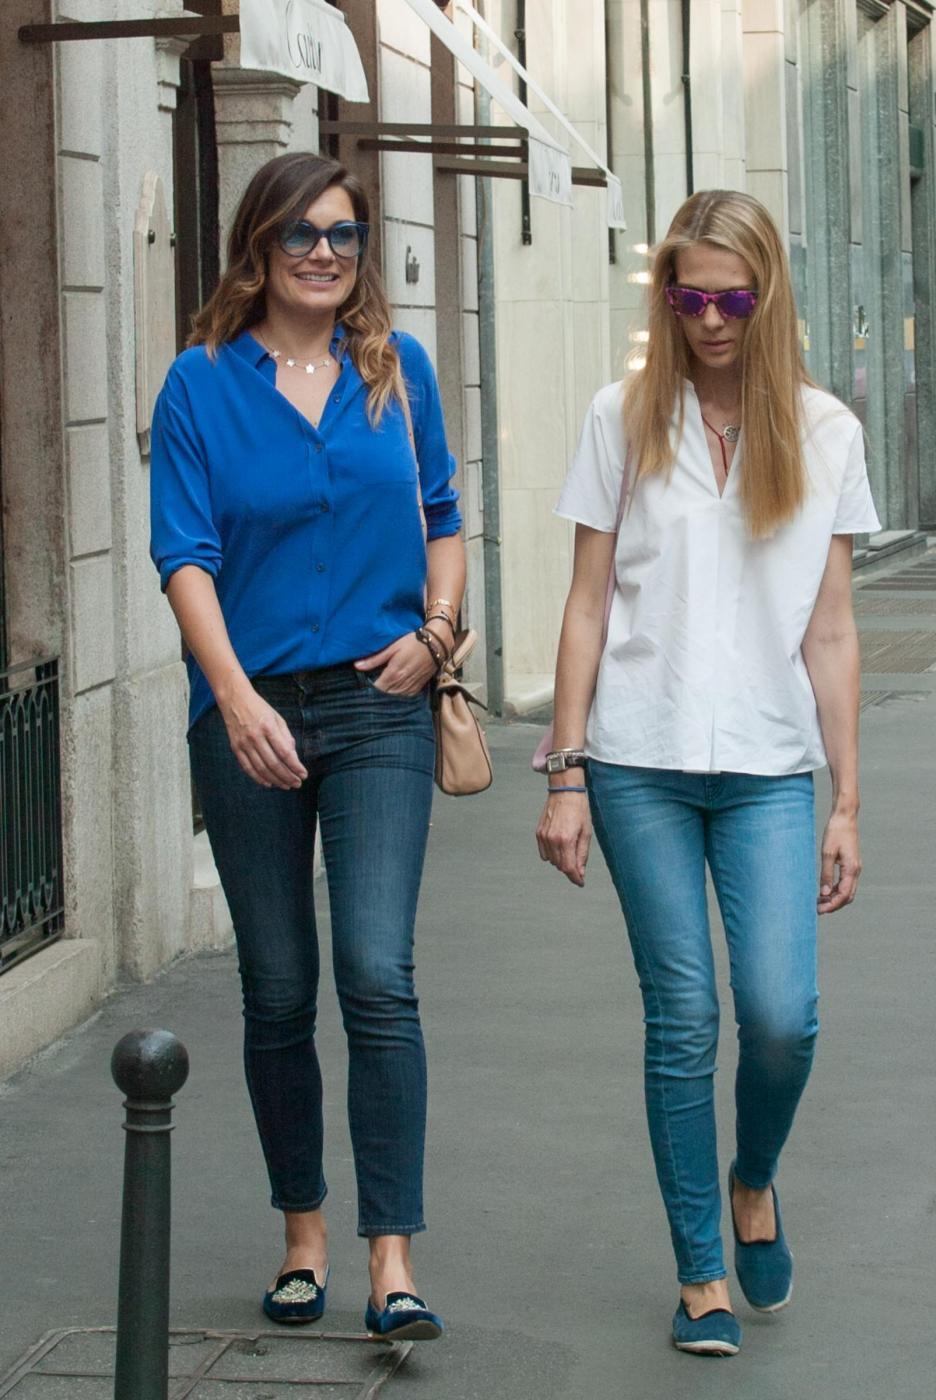 Alena Seredova e Lavinia Borromeo fanno shopping a Milano FOTO 23